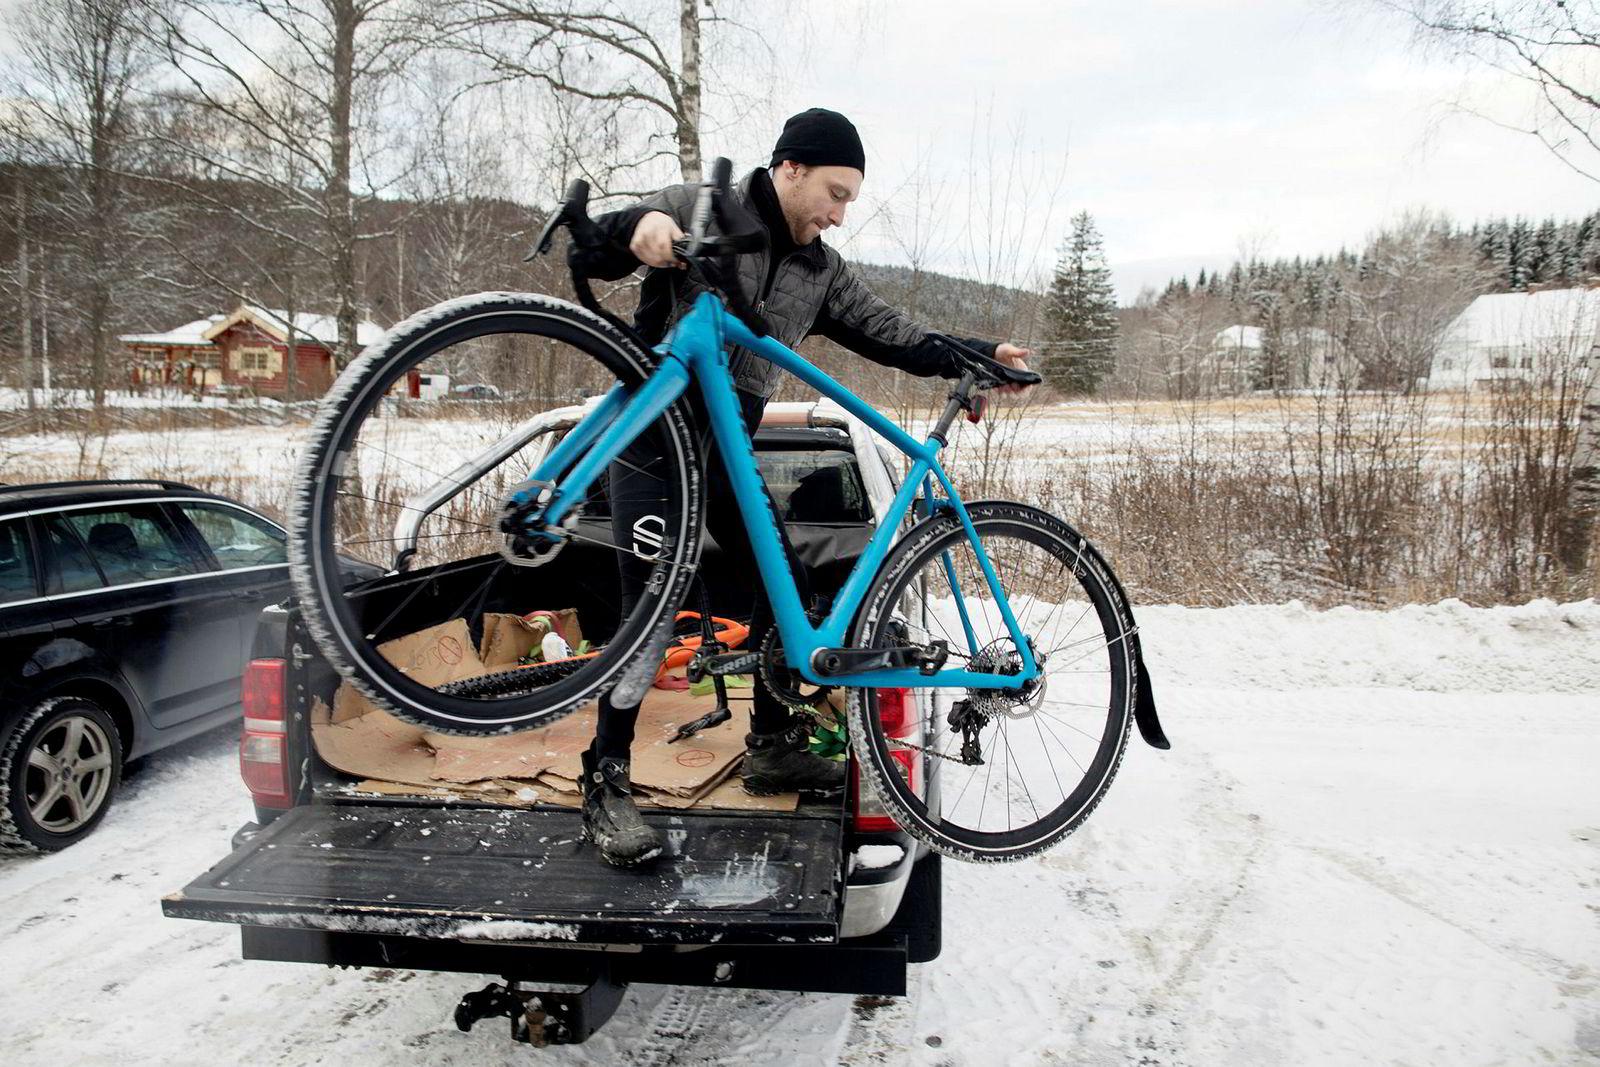 Cyclocross-sykler og grusracere har vært en trendvinner blant ivrige mosjonister de siste årene. For helårssyklisten Arjan Boldingh er det også redskapen vinterstid.